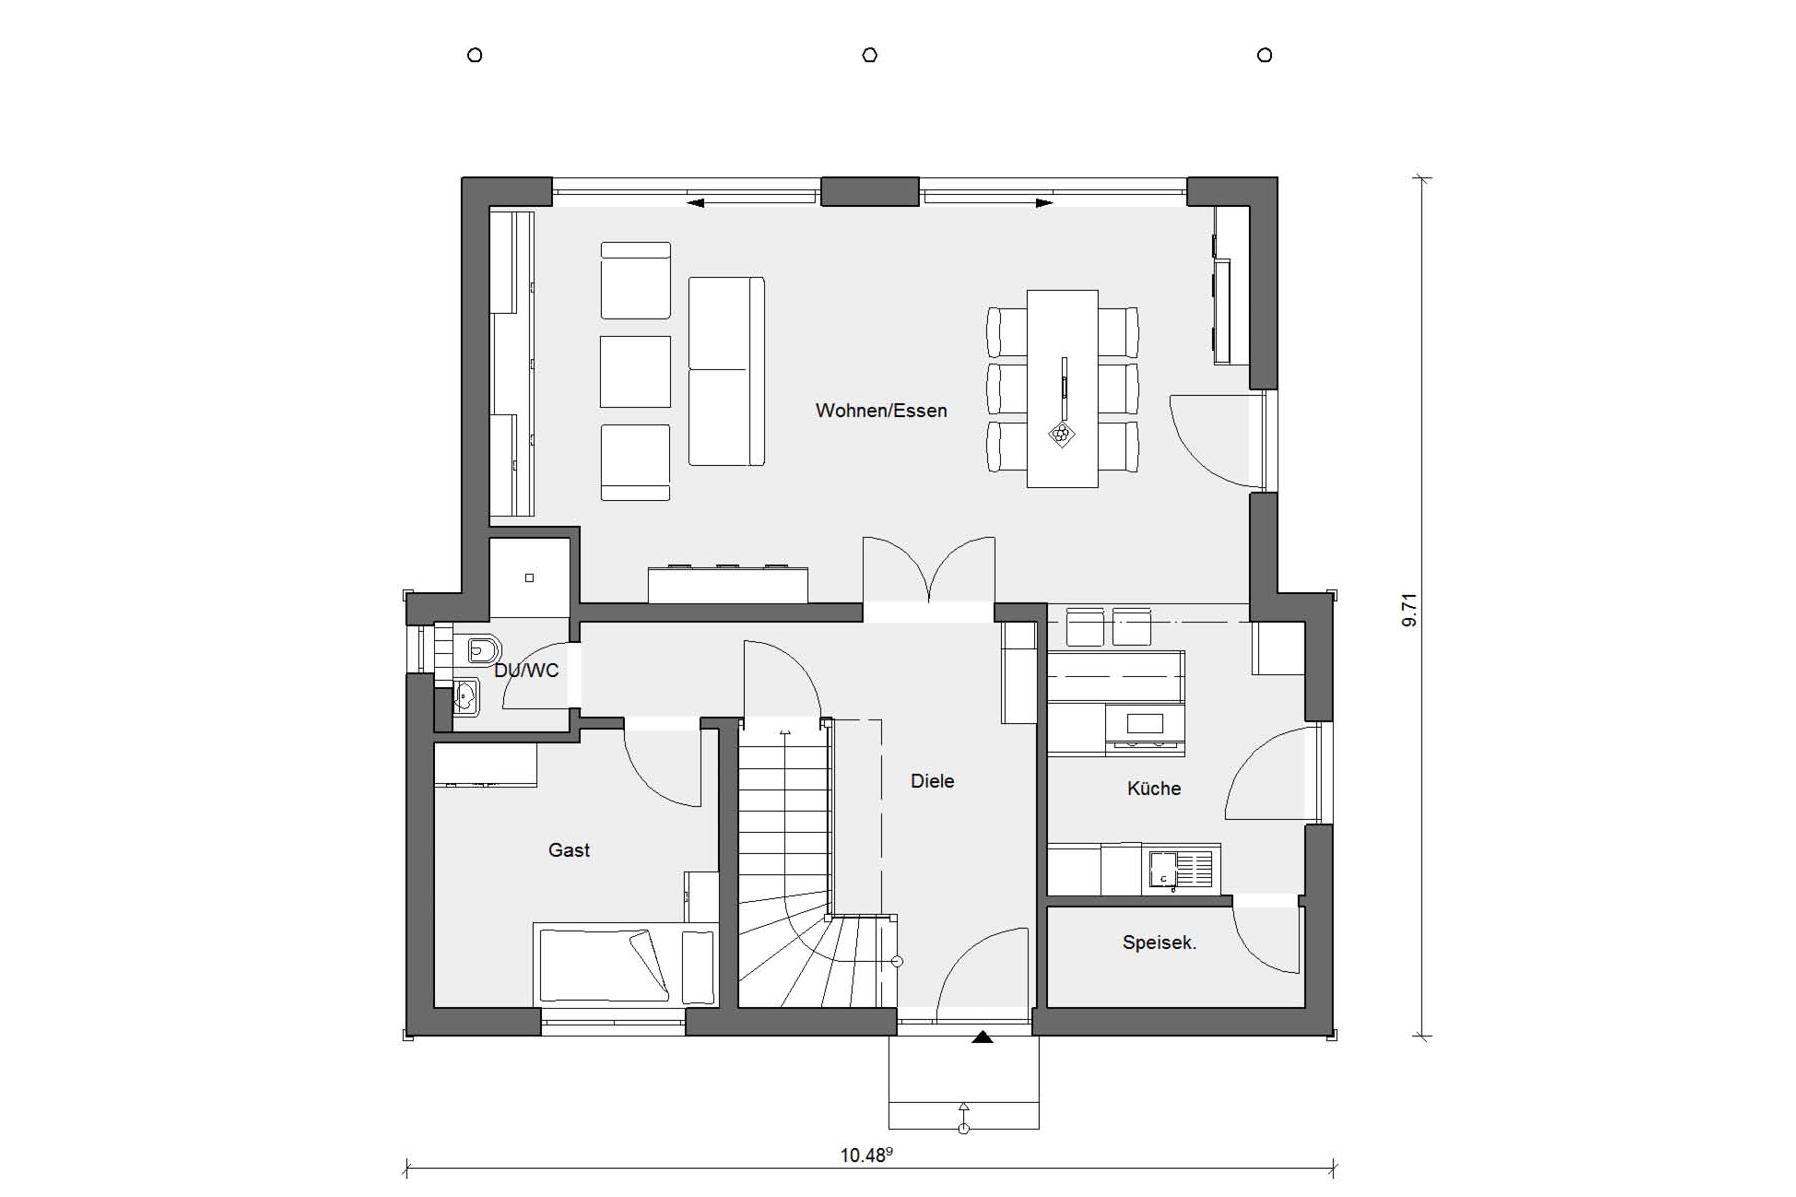 Modernes einfamilienhaus schw rerhaus for Modernes einfamilienhaus grundriss